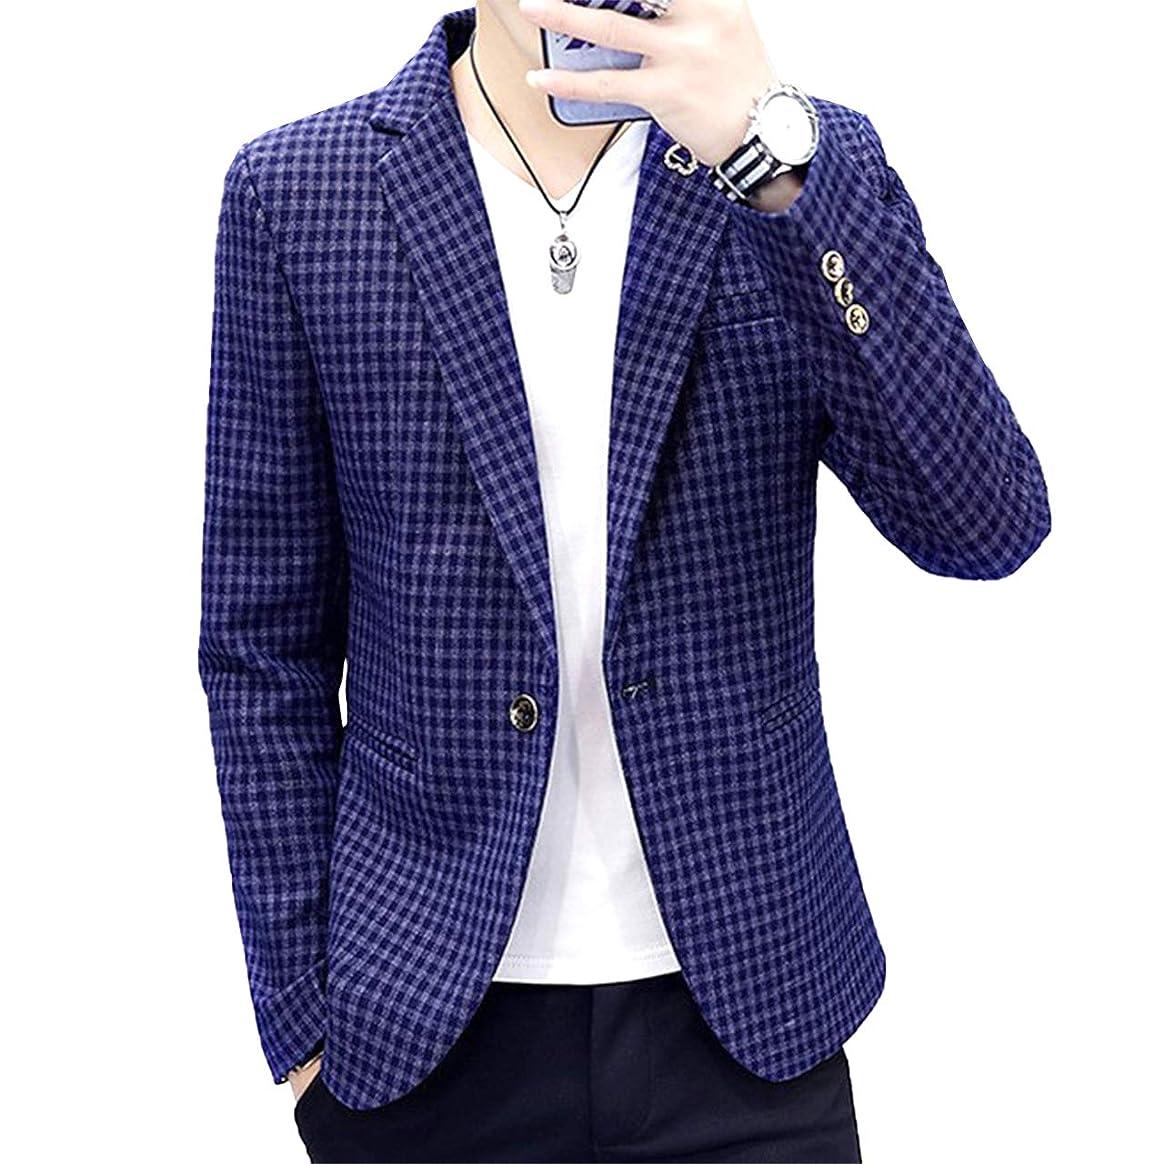 お世話になった国旗カートリッジ[Agree With(アグリーウィズ)] テーラードジャケット カジュアル ファッションスーツ ビジネス ストレッチ メンズ